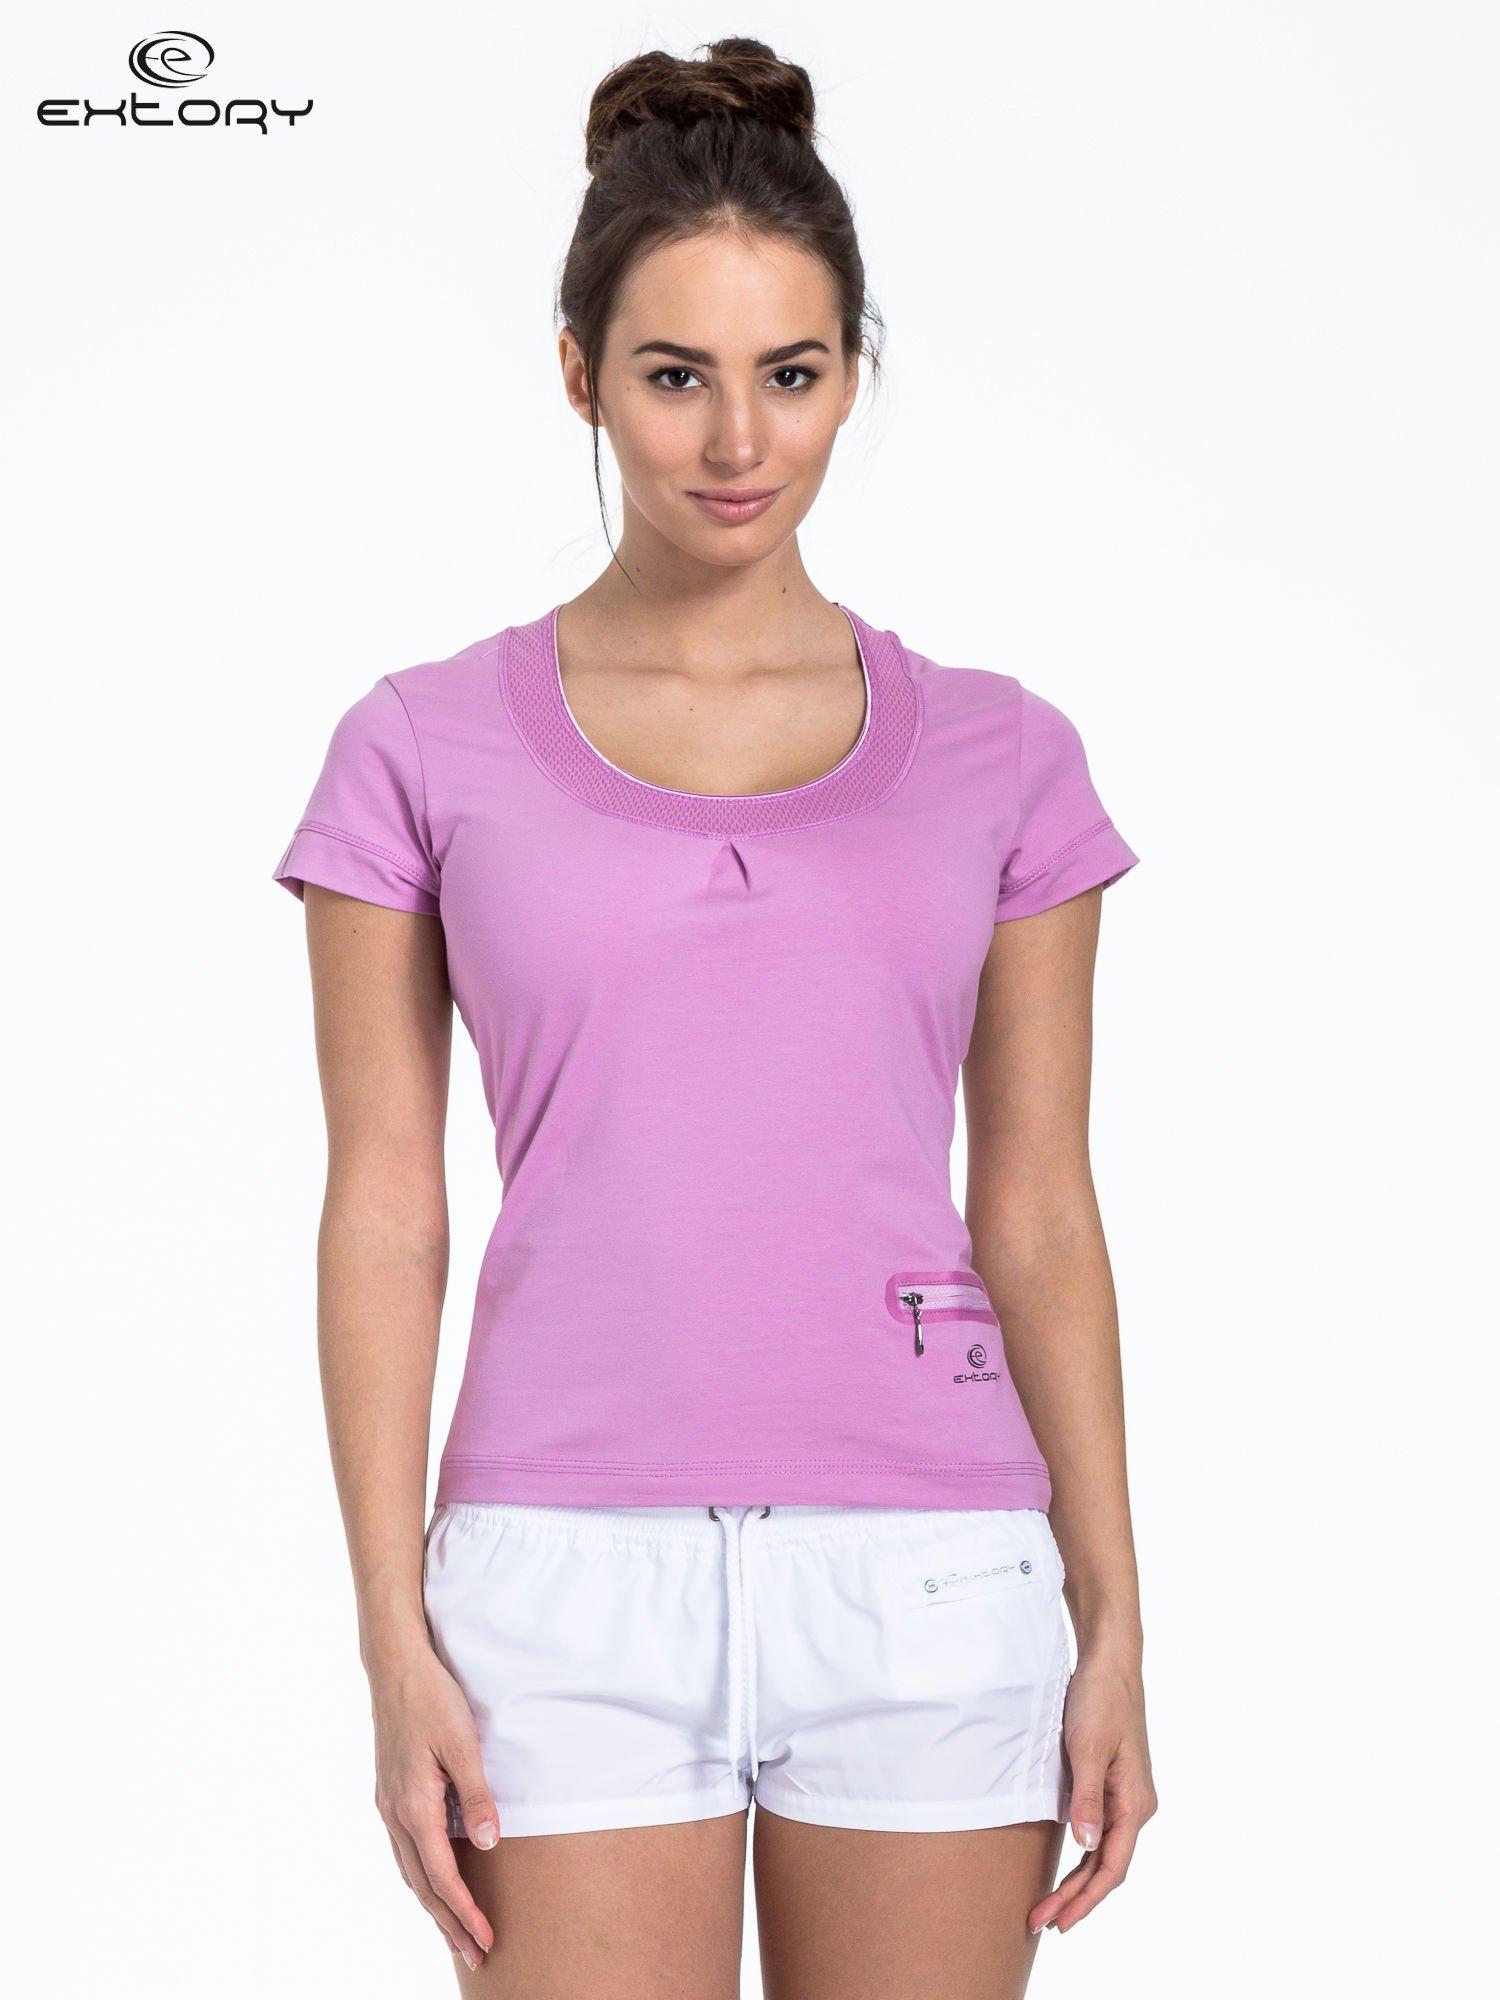 Jasnofioletowy t-shirt sportowy z kieszonką i ozdobnym dekoltem                                  zdj.                                  1